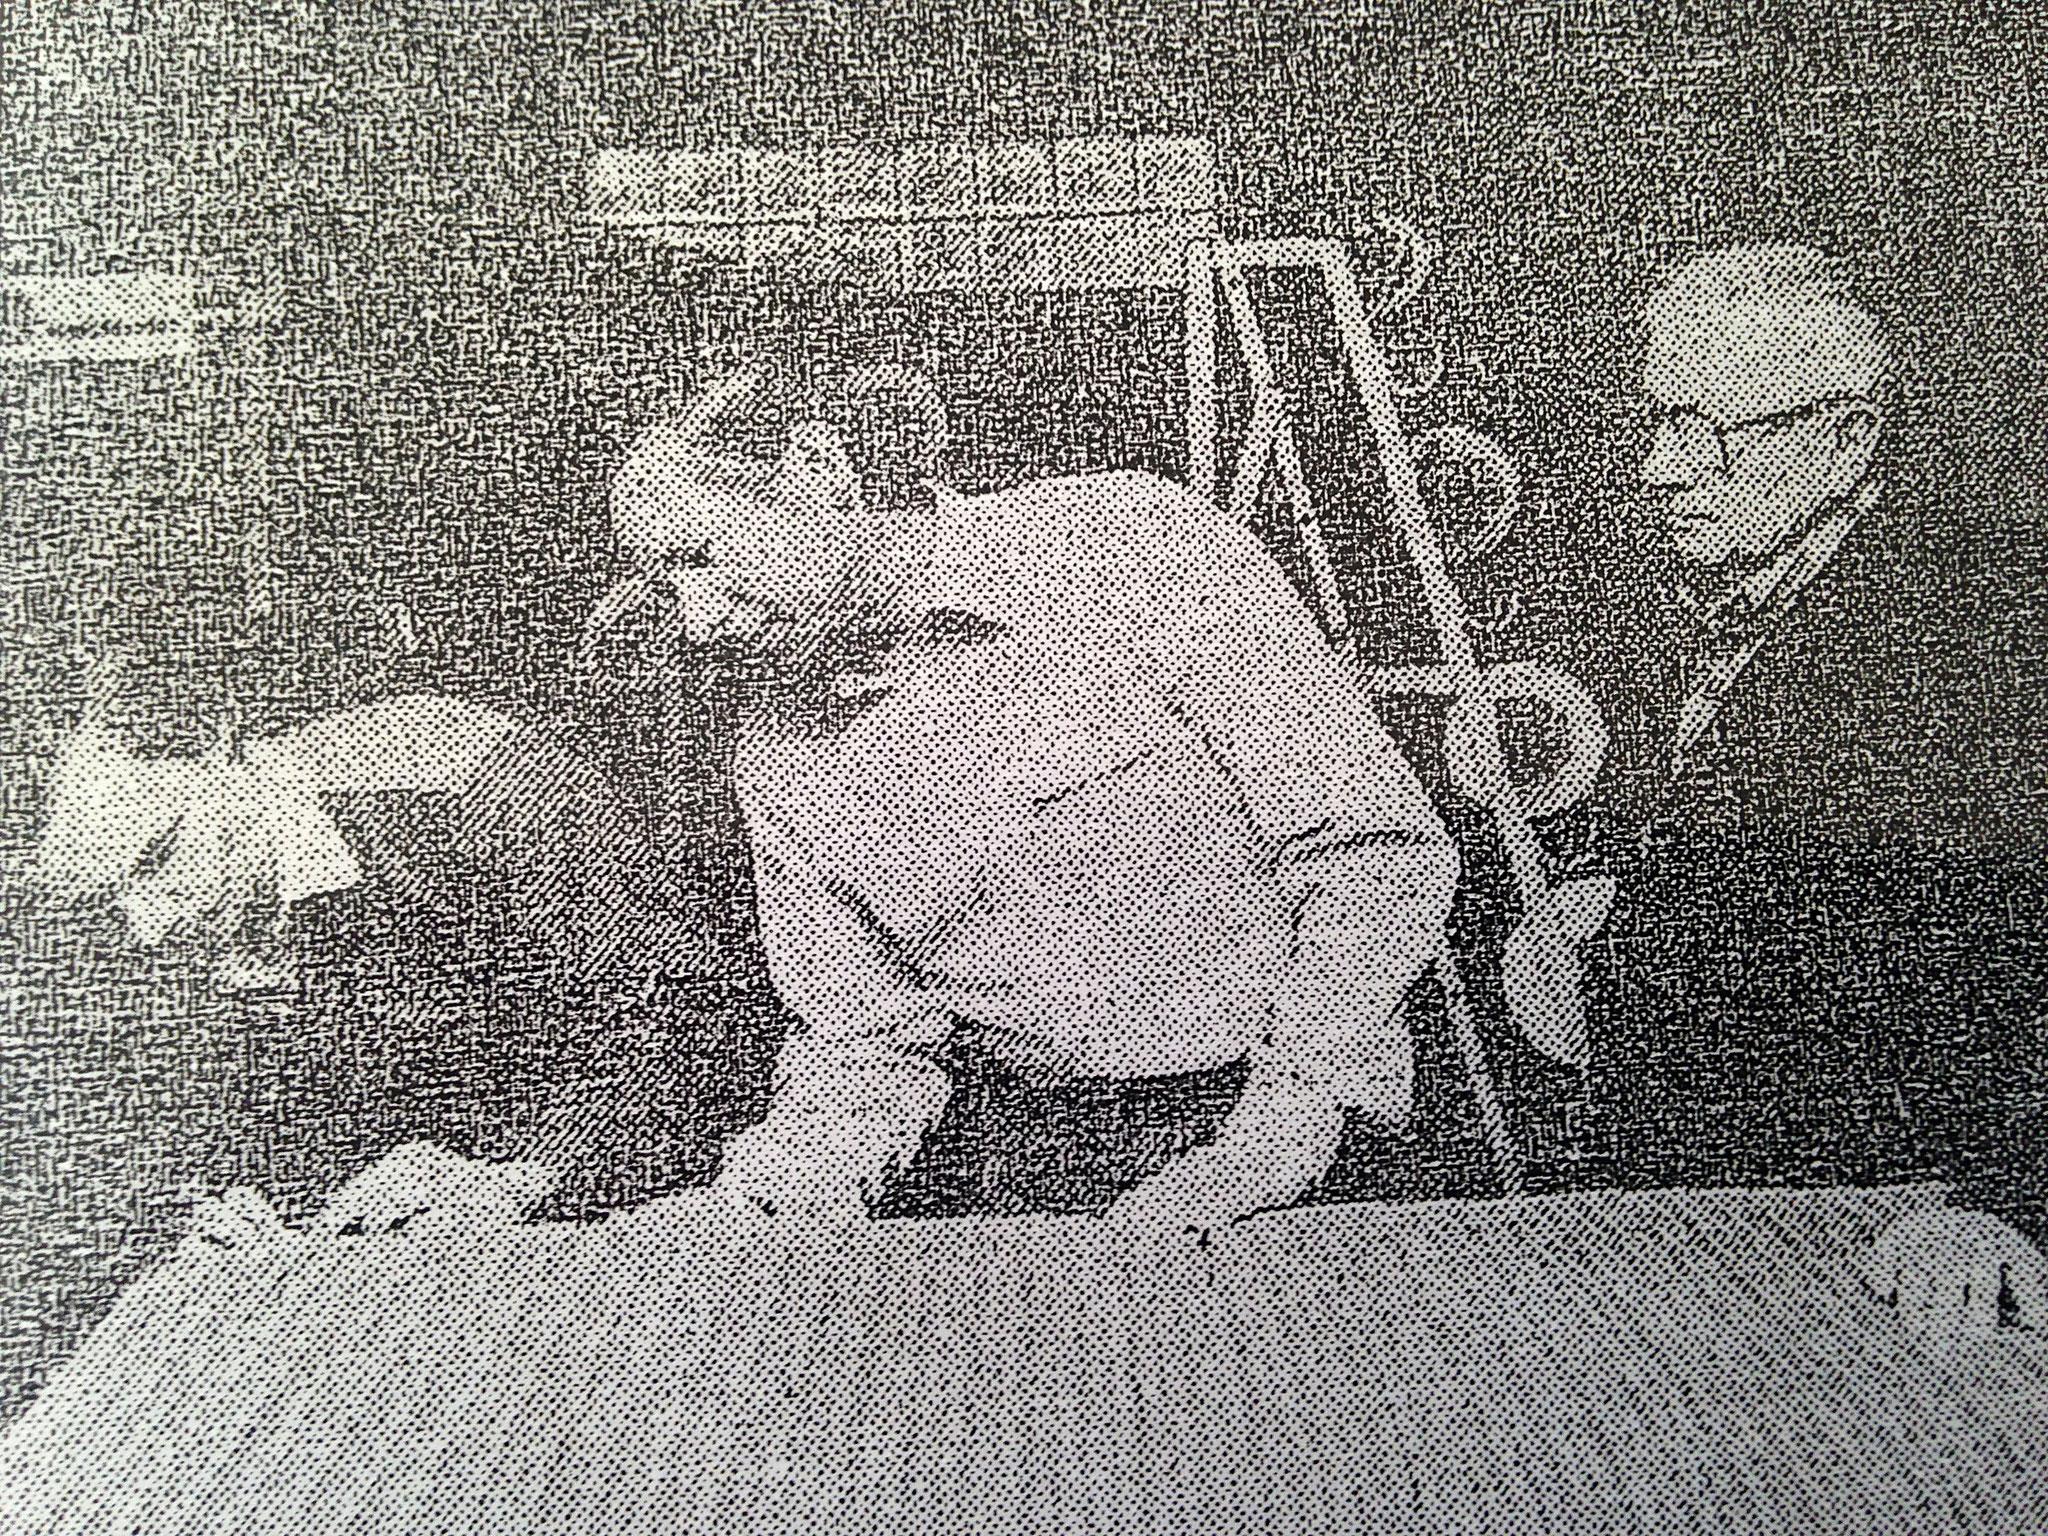 Drei Generationen in einem Bild 1983: Willi Weigl jun, Willi Weigl sen. und Firmengründer Peter Weigl